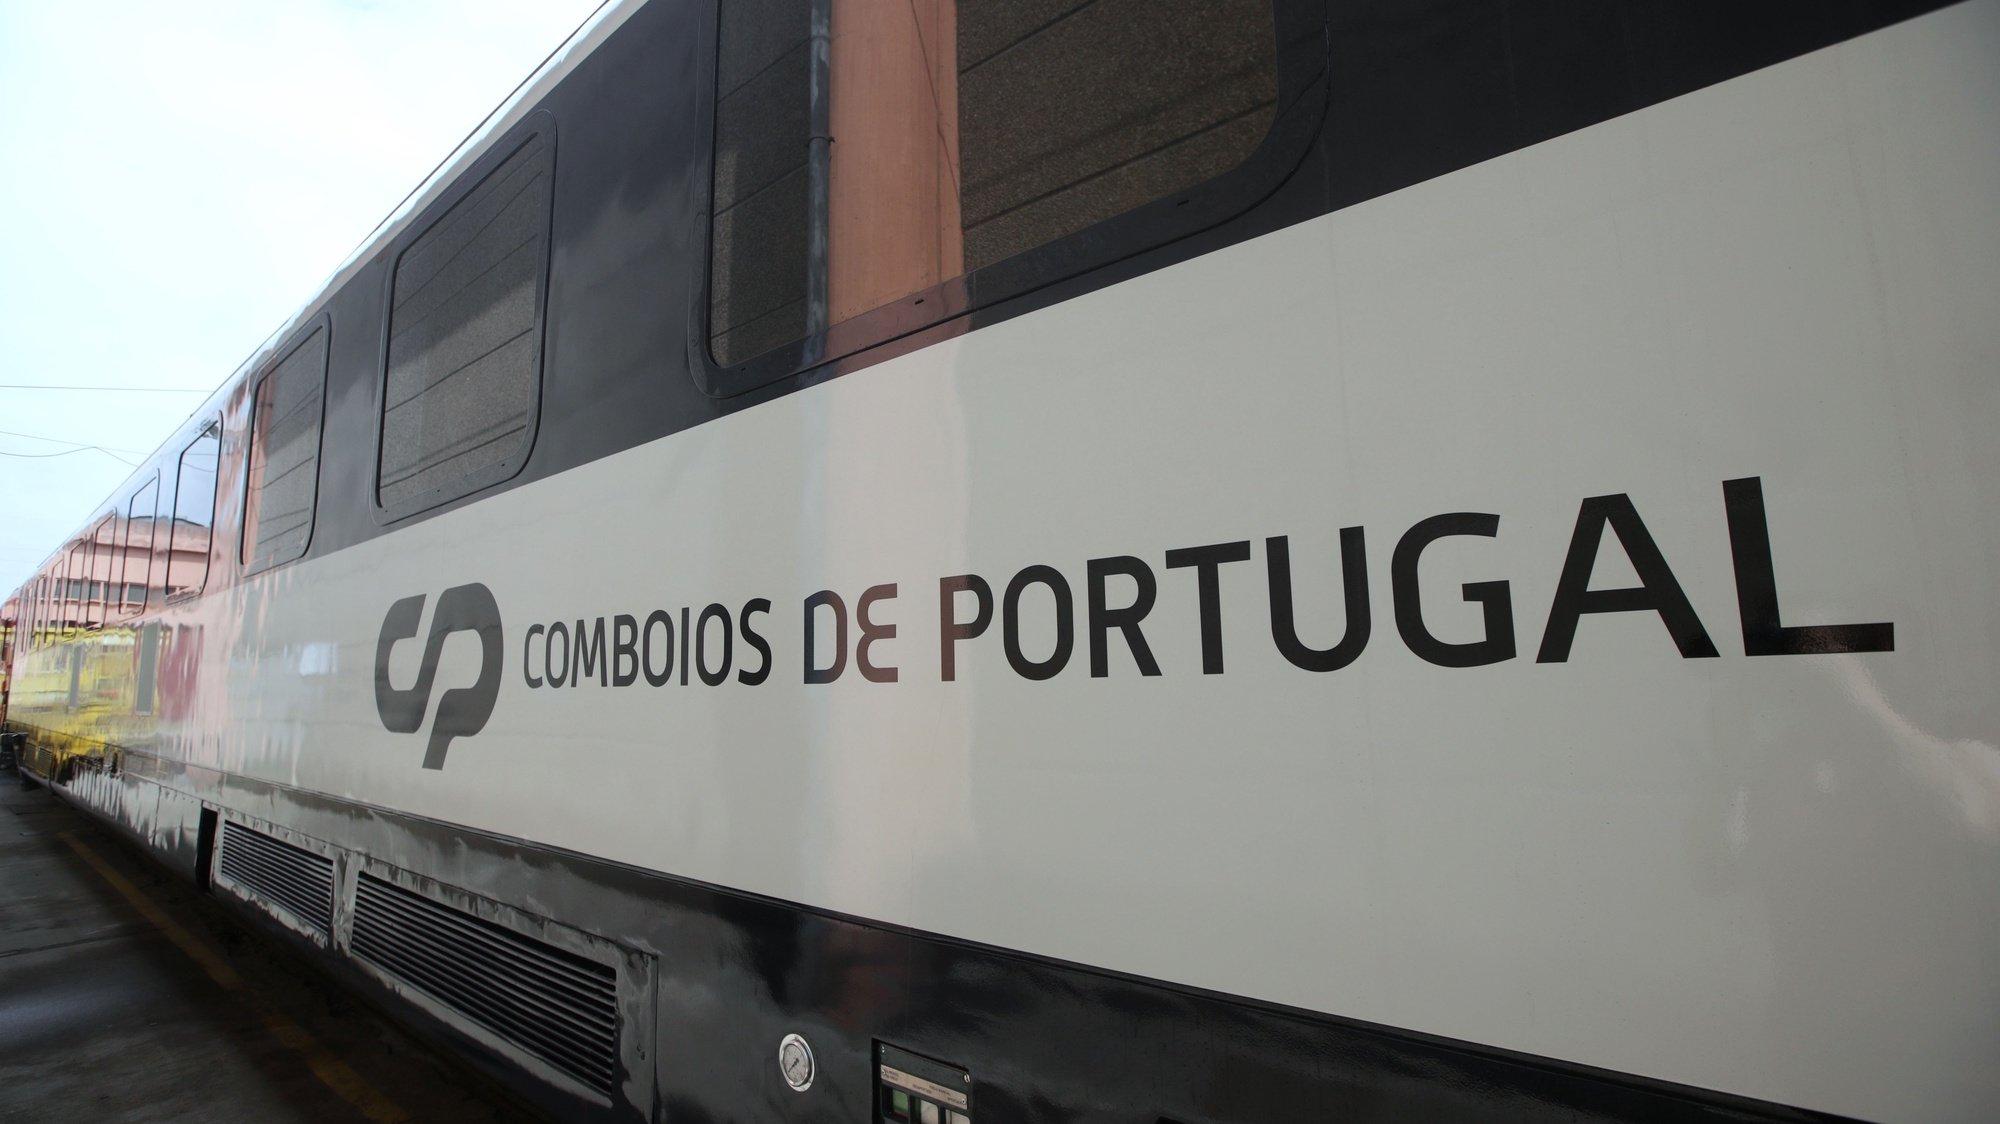 Parque Oficinal de Guifões onde foram construidas as novas carruagens ARCO adquiridas pela CP à RENFE, Matosinhos, 23 de julho de 2021. ESTELA SILVA/LUSA